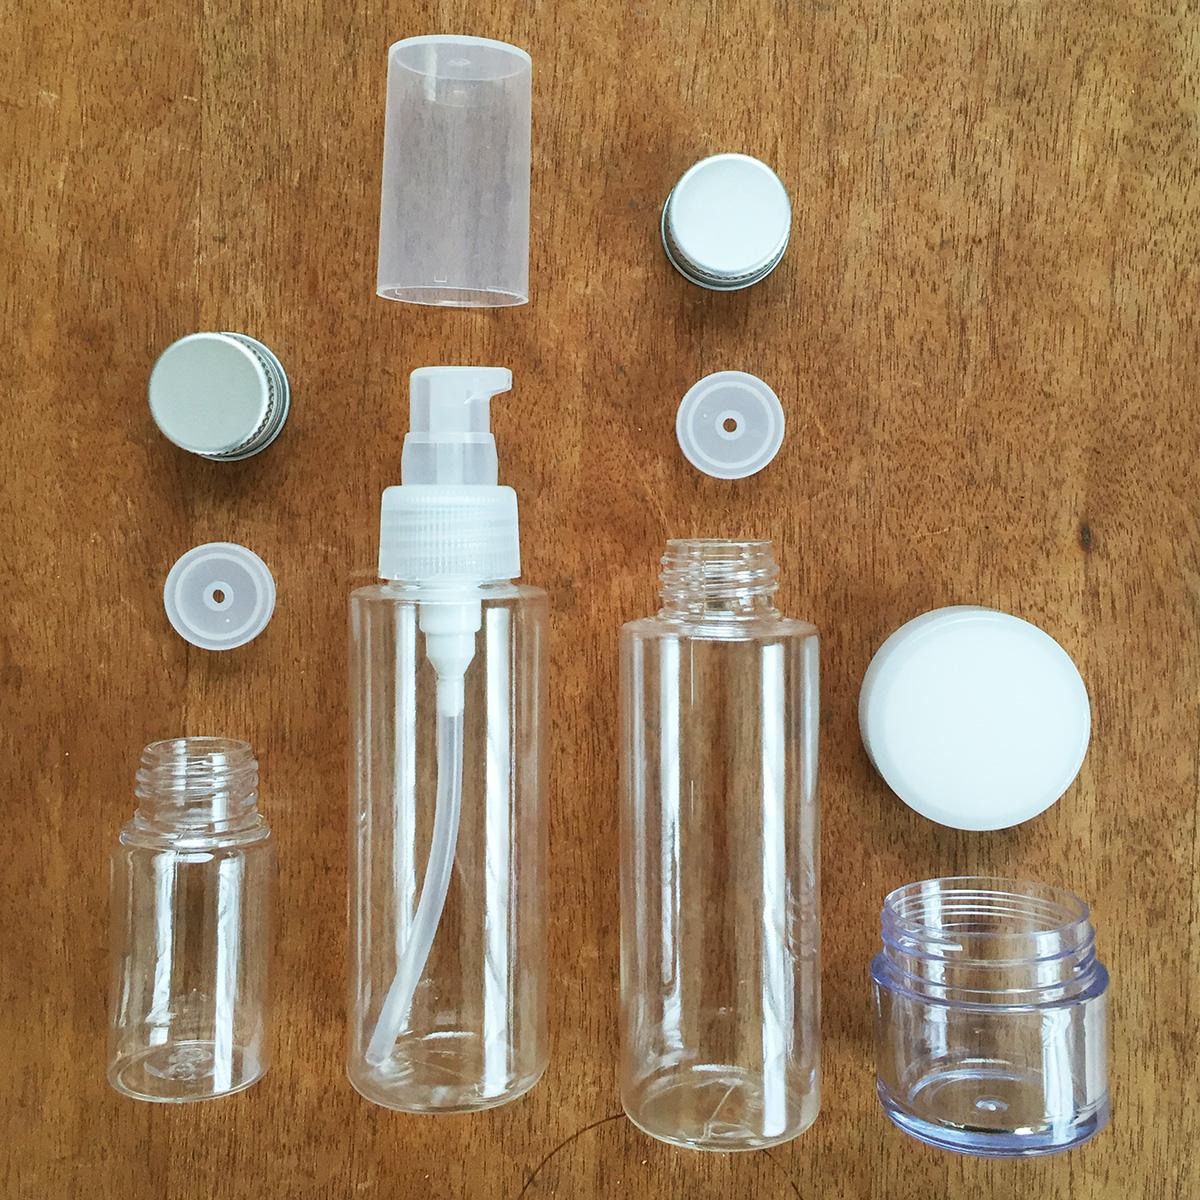 インド旅行に便利な無印良品の詰め替え容器